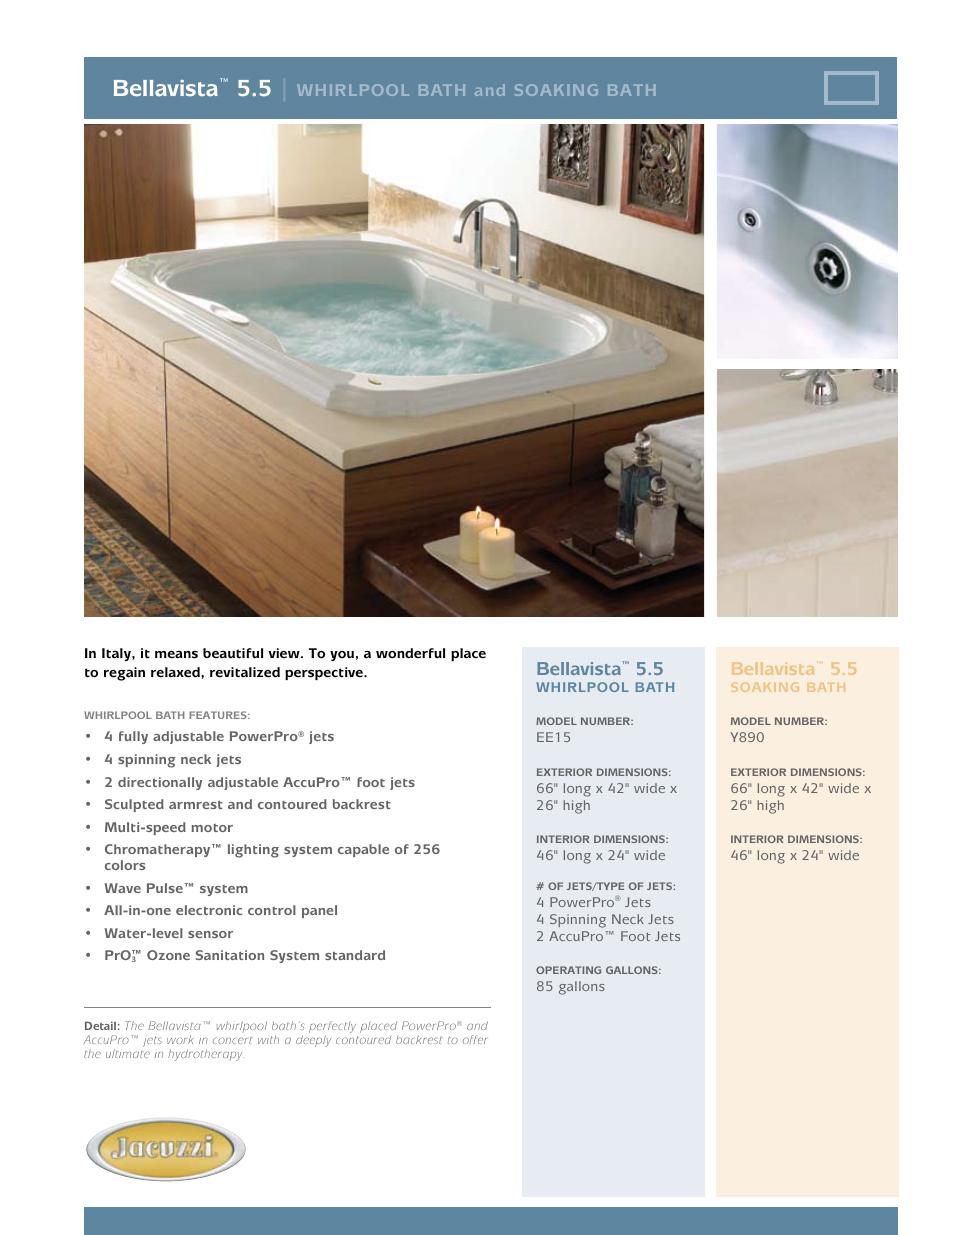 Jacuzzi Bellavista Y890 User Manual | 2 pages | Also for: Bellavista ...